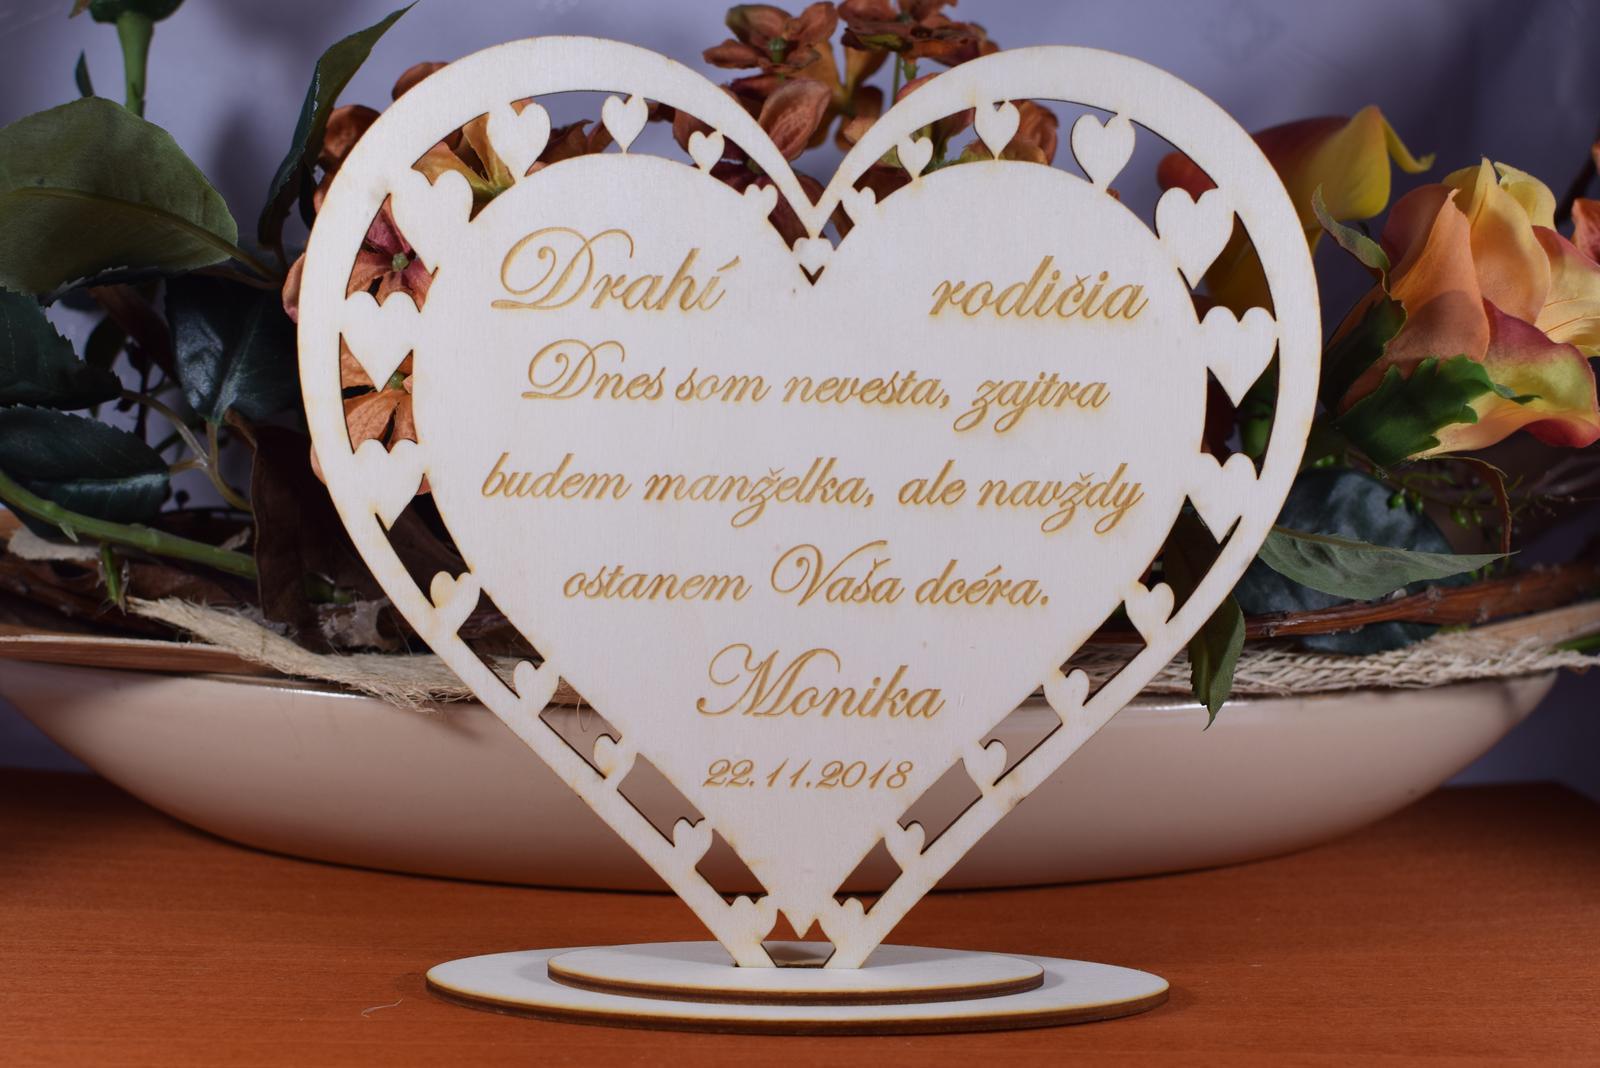 Poďakovanie Rodičom srdce vyrezávané 12 - Obrázok č. 1